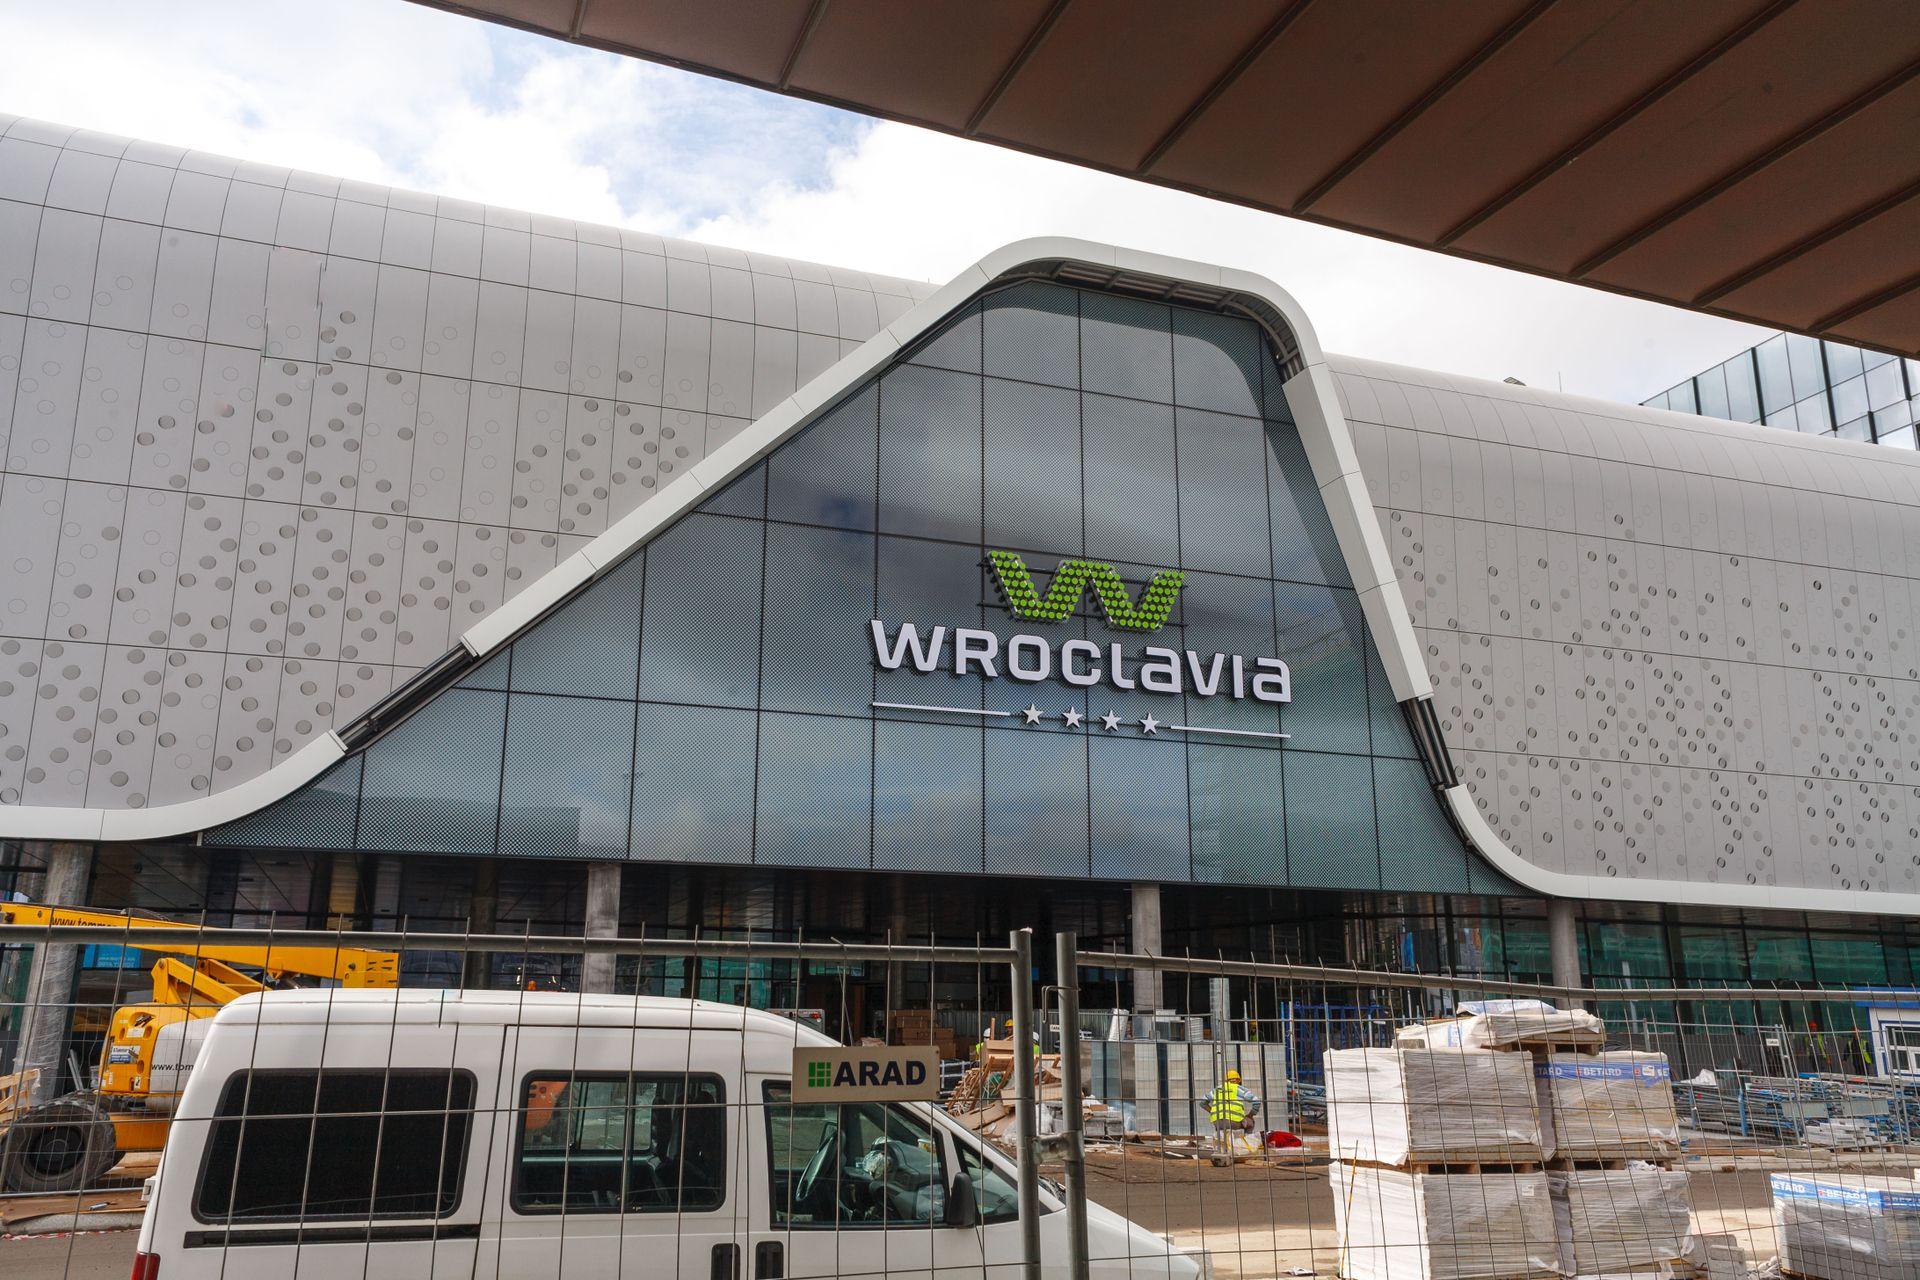 [Wrocław] Sejm przyjął ustawę o ograniczeniu handlu w niedziele. Co dalej z Wroclavią?